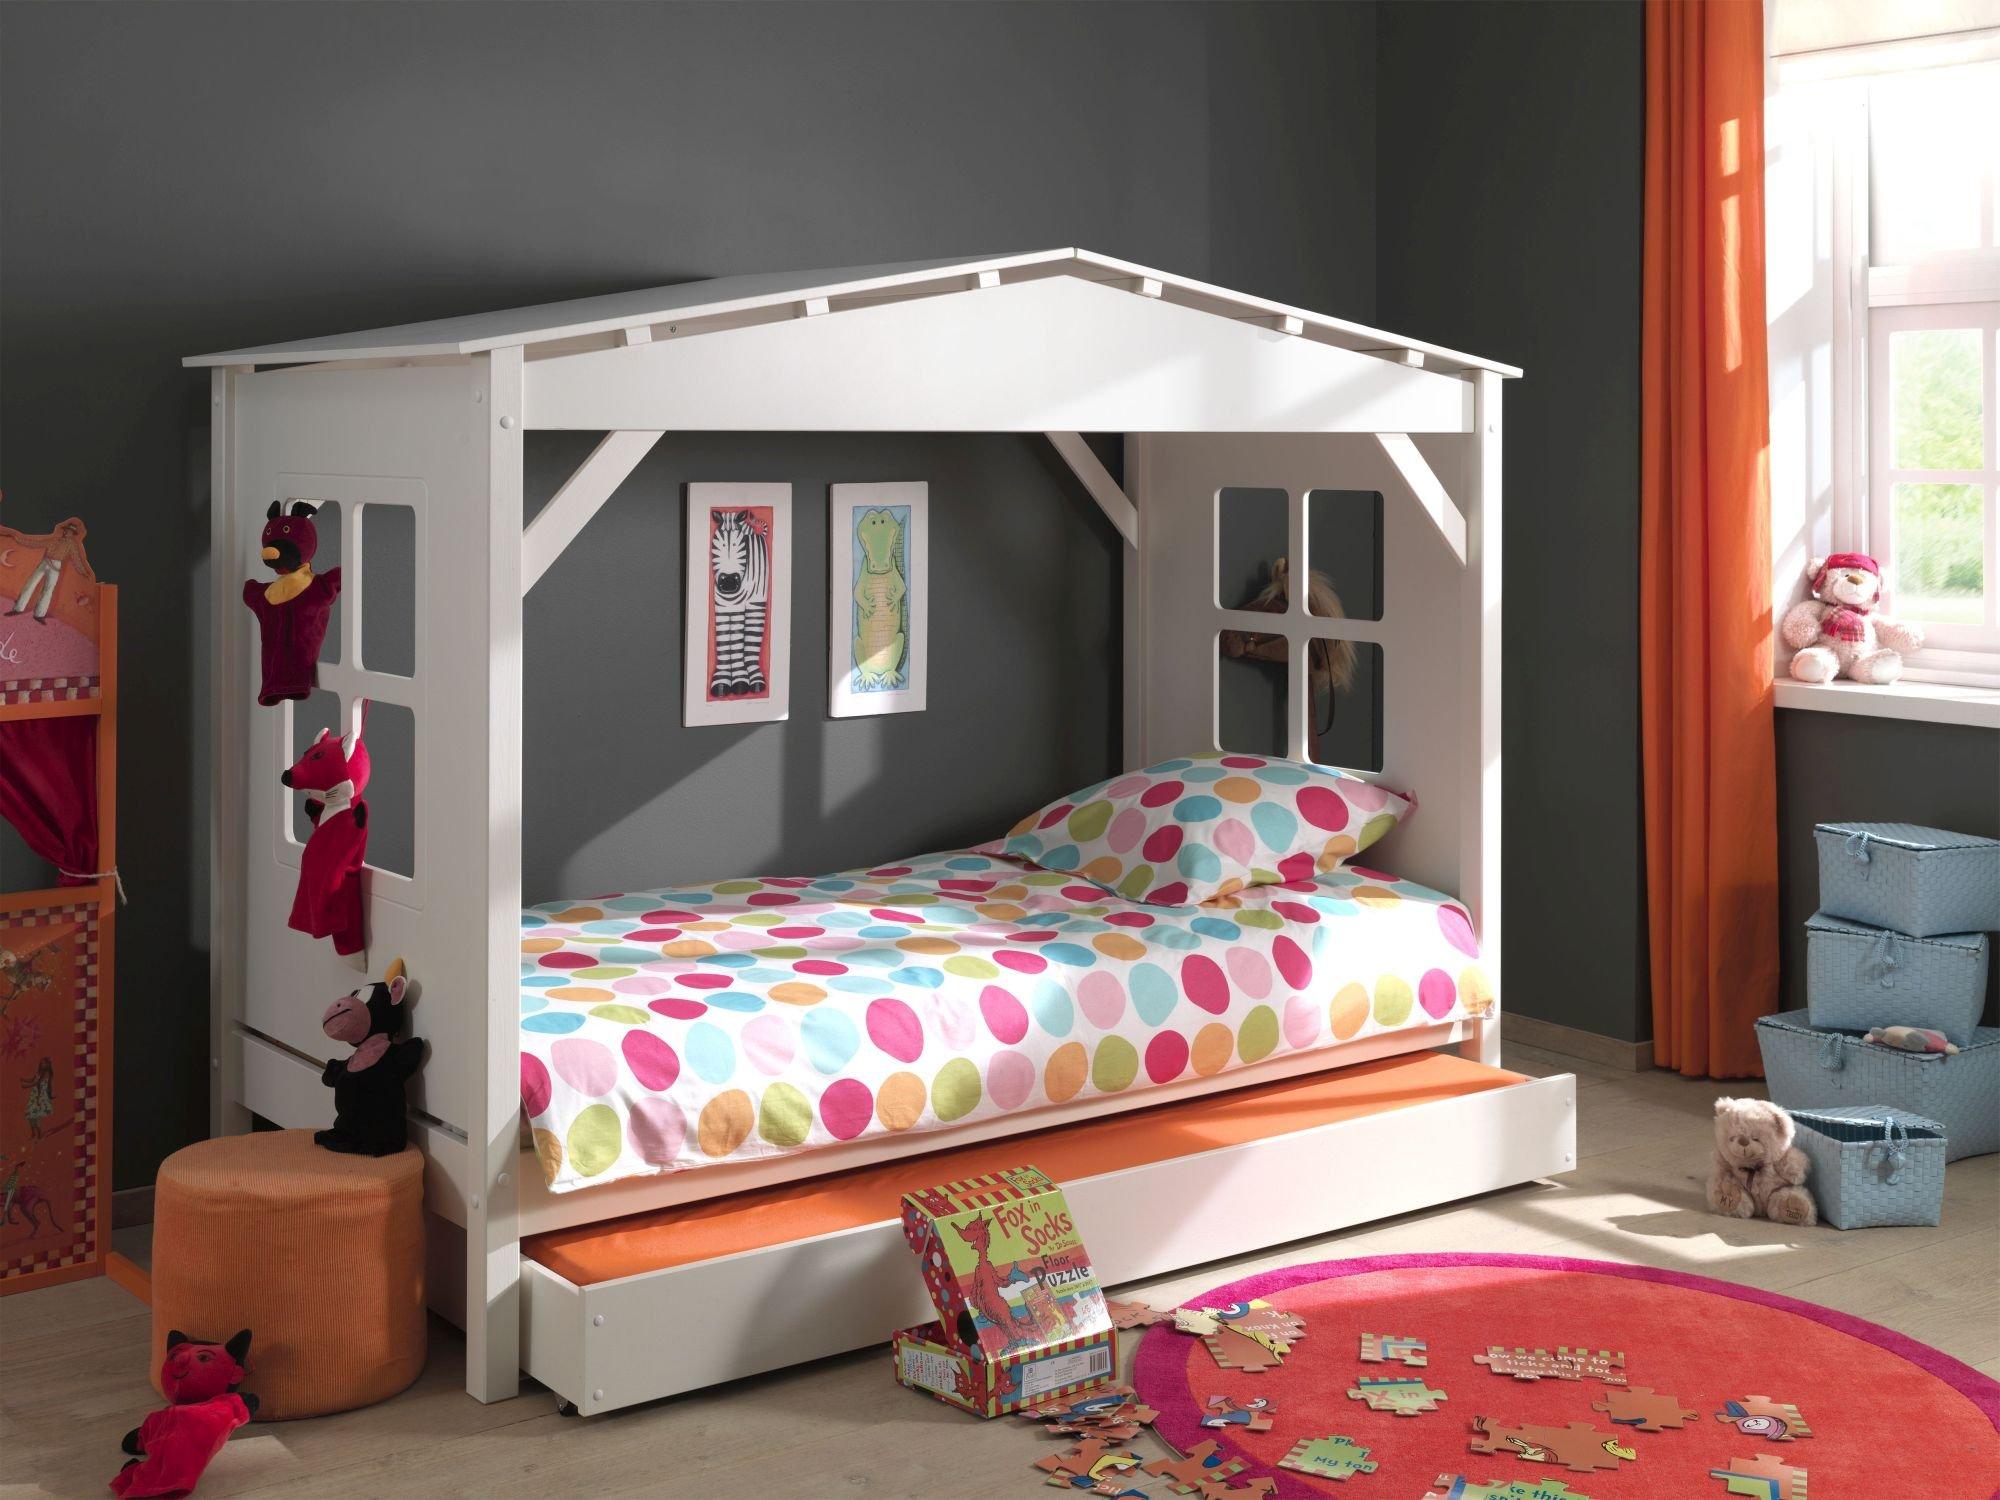 Vipack Spielbett Pino, 90 x 200 cm, Haus, mit Bettschublade, Kiefer teilmassiv, weiß lackiert 4